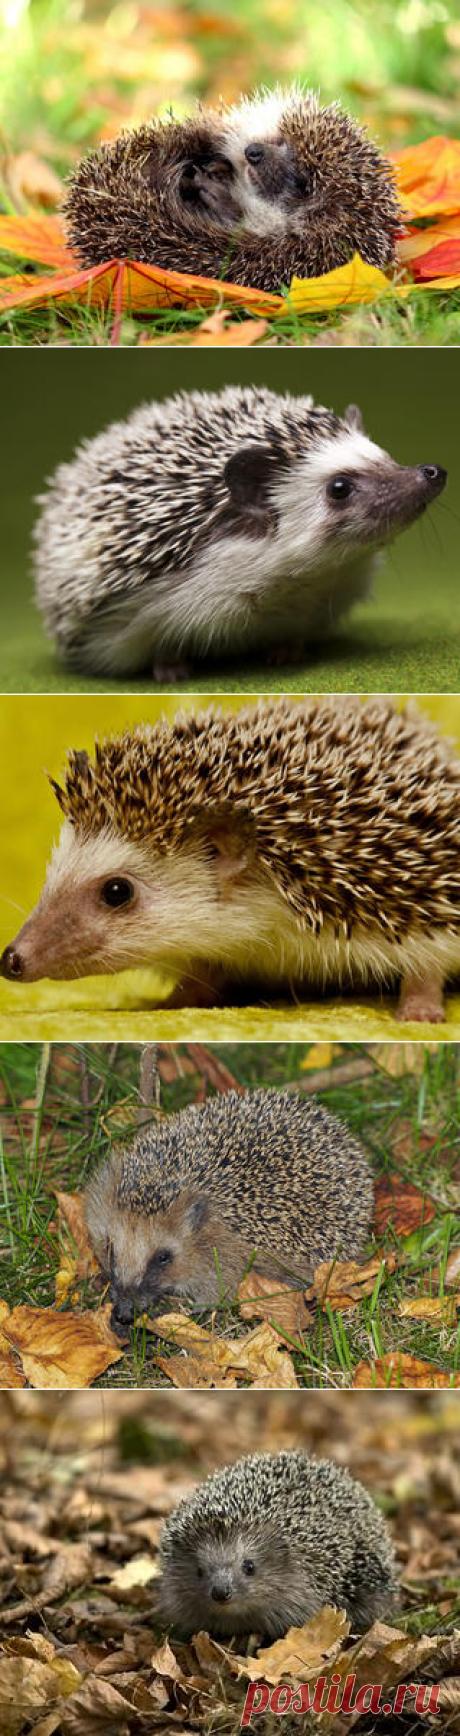 Смотреть изображения ежей | Зооляндия